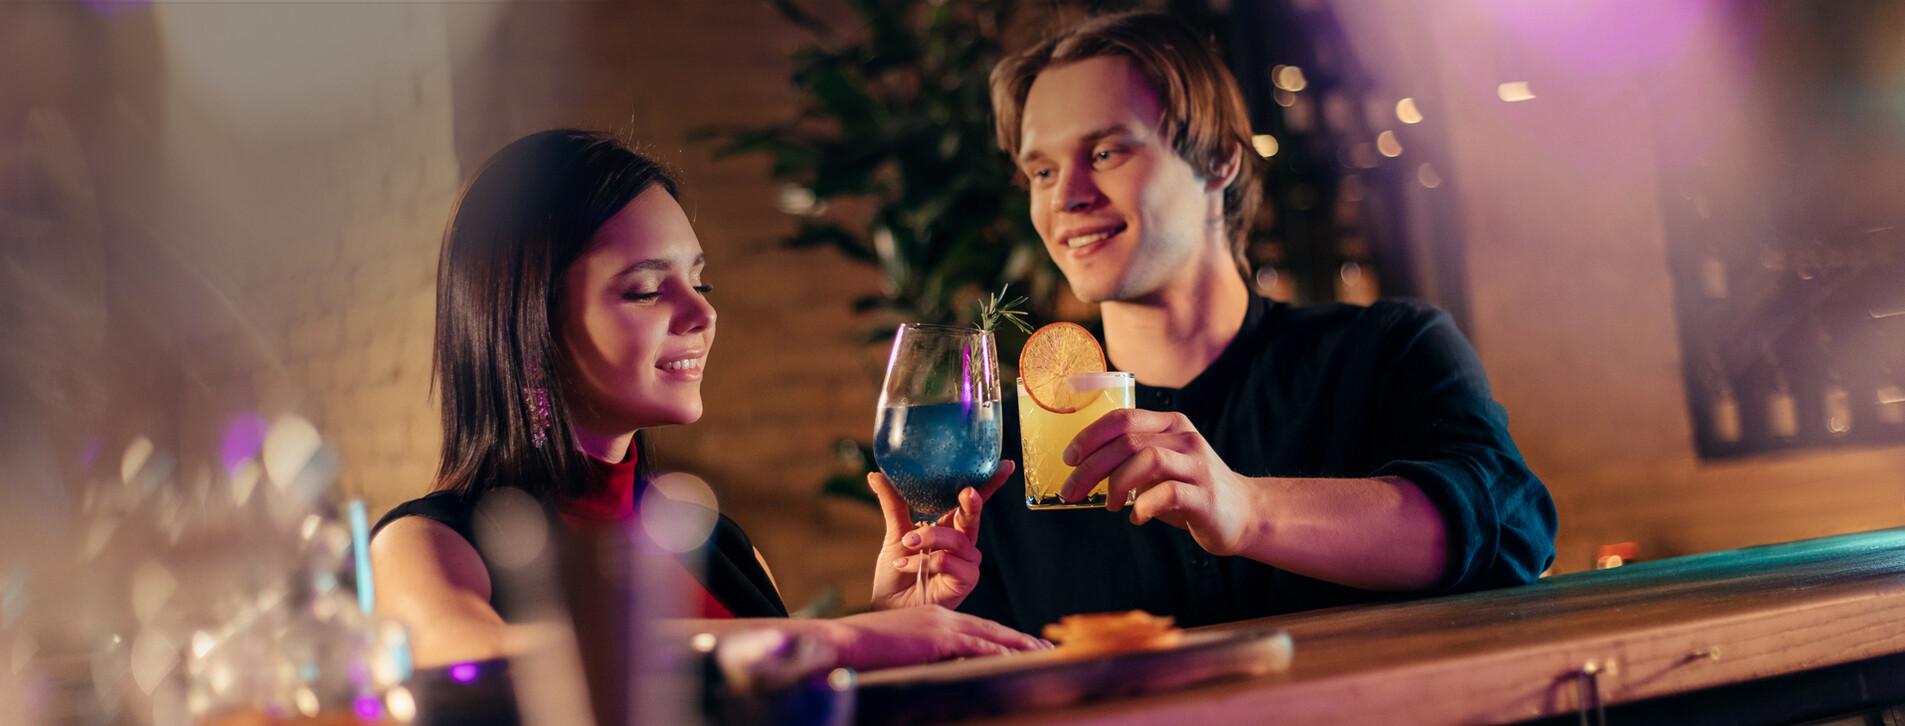 Фото 1 - Мастер-класс коктейлей для компании